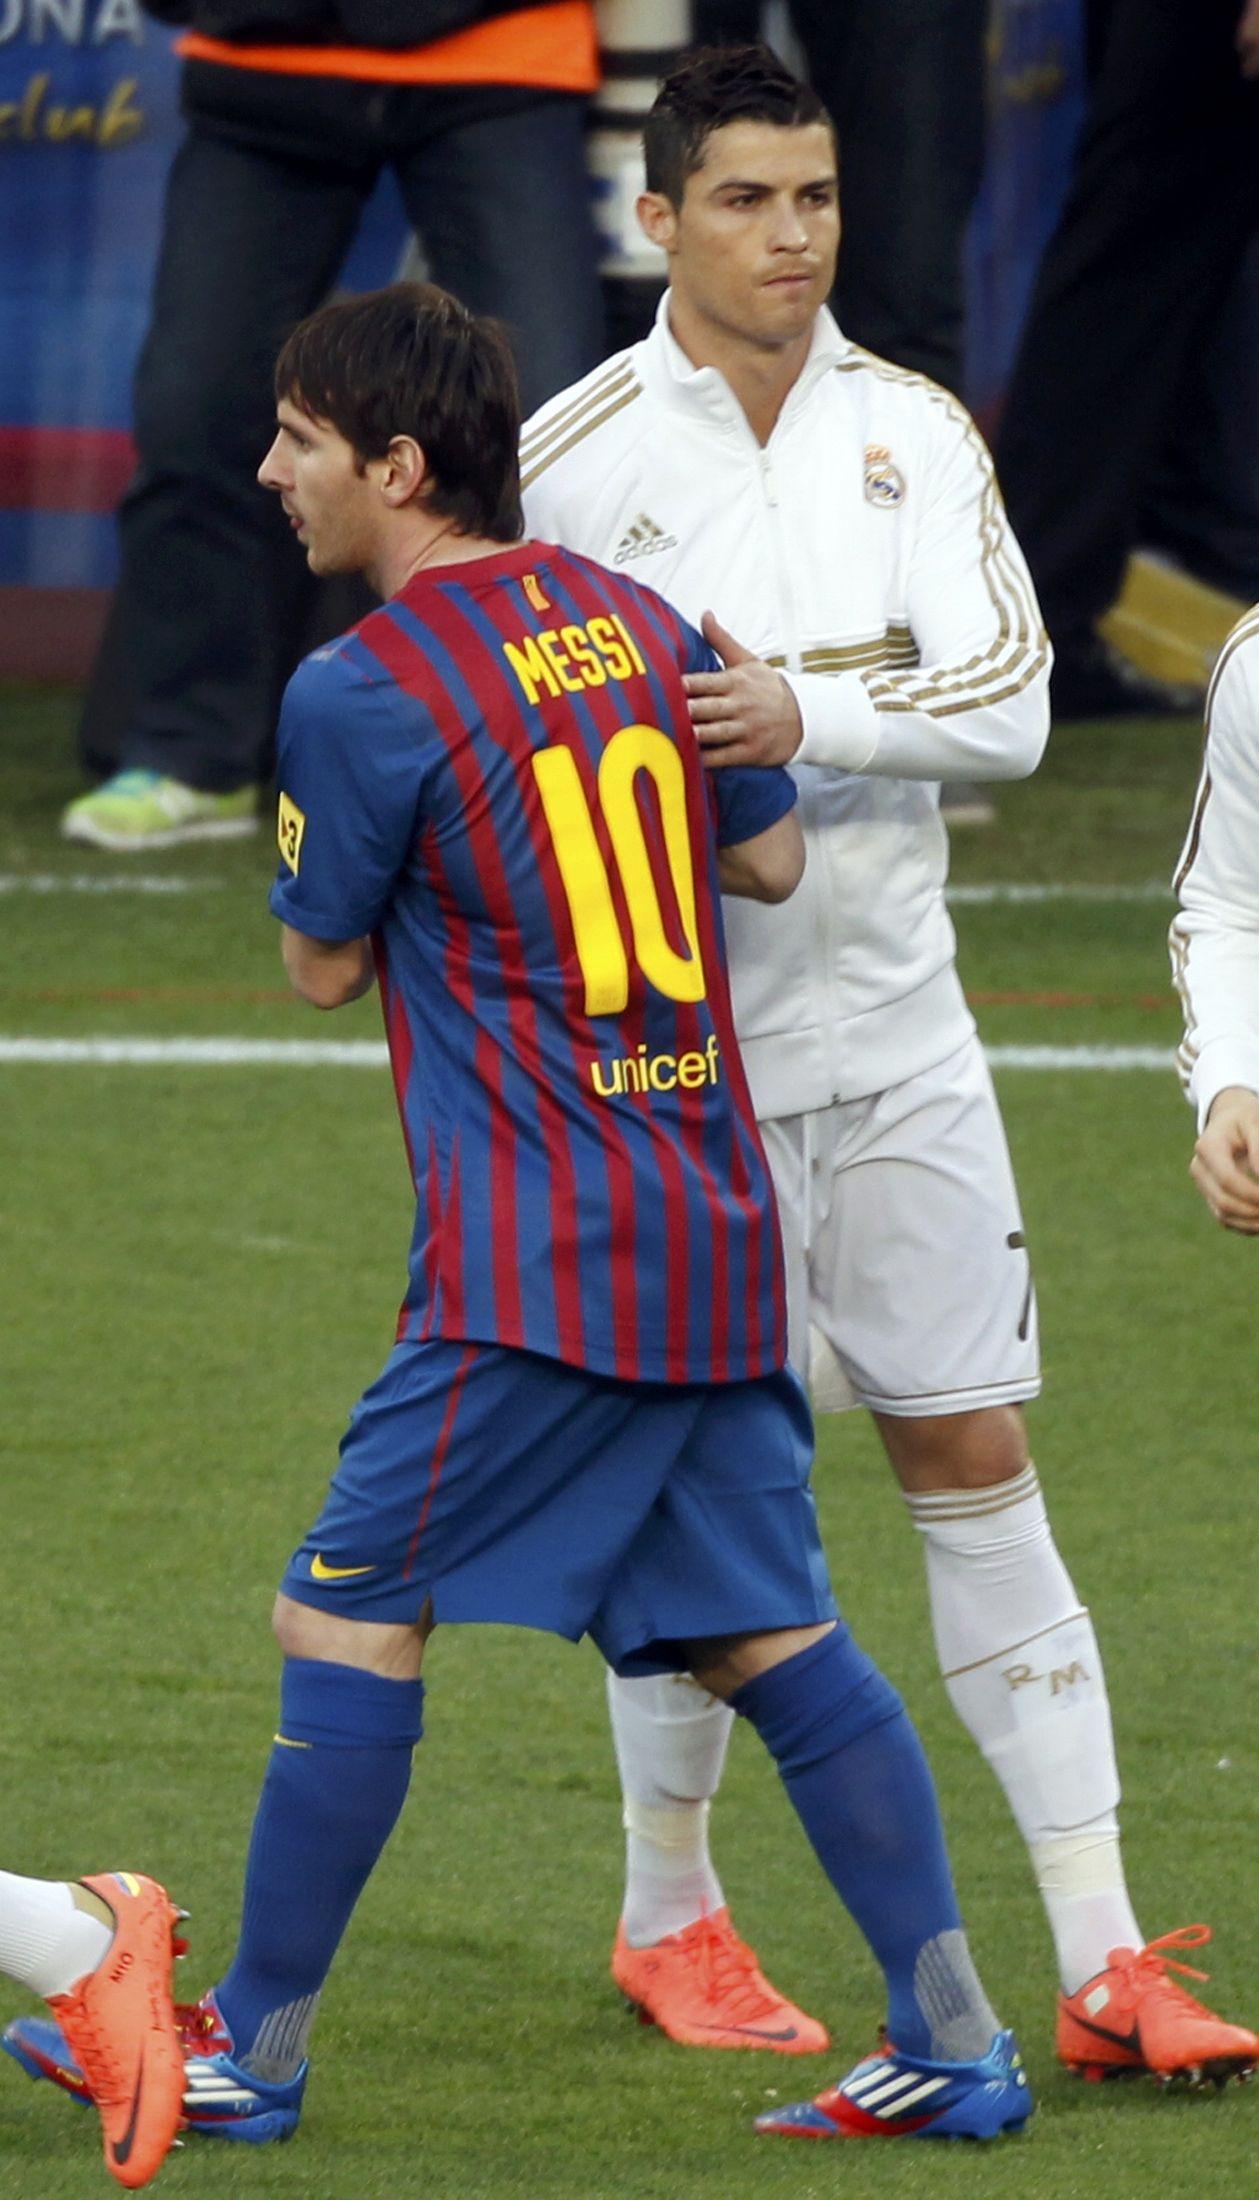 Messi saludando al cae gordo de Ronaldo. Jaja.